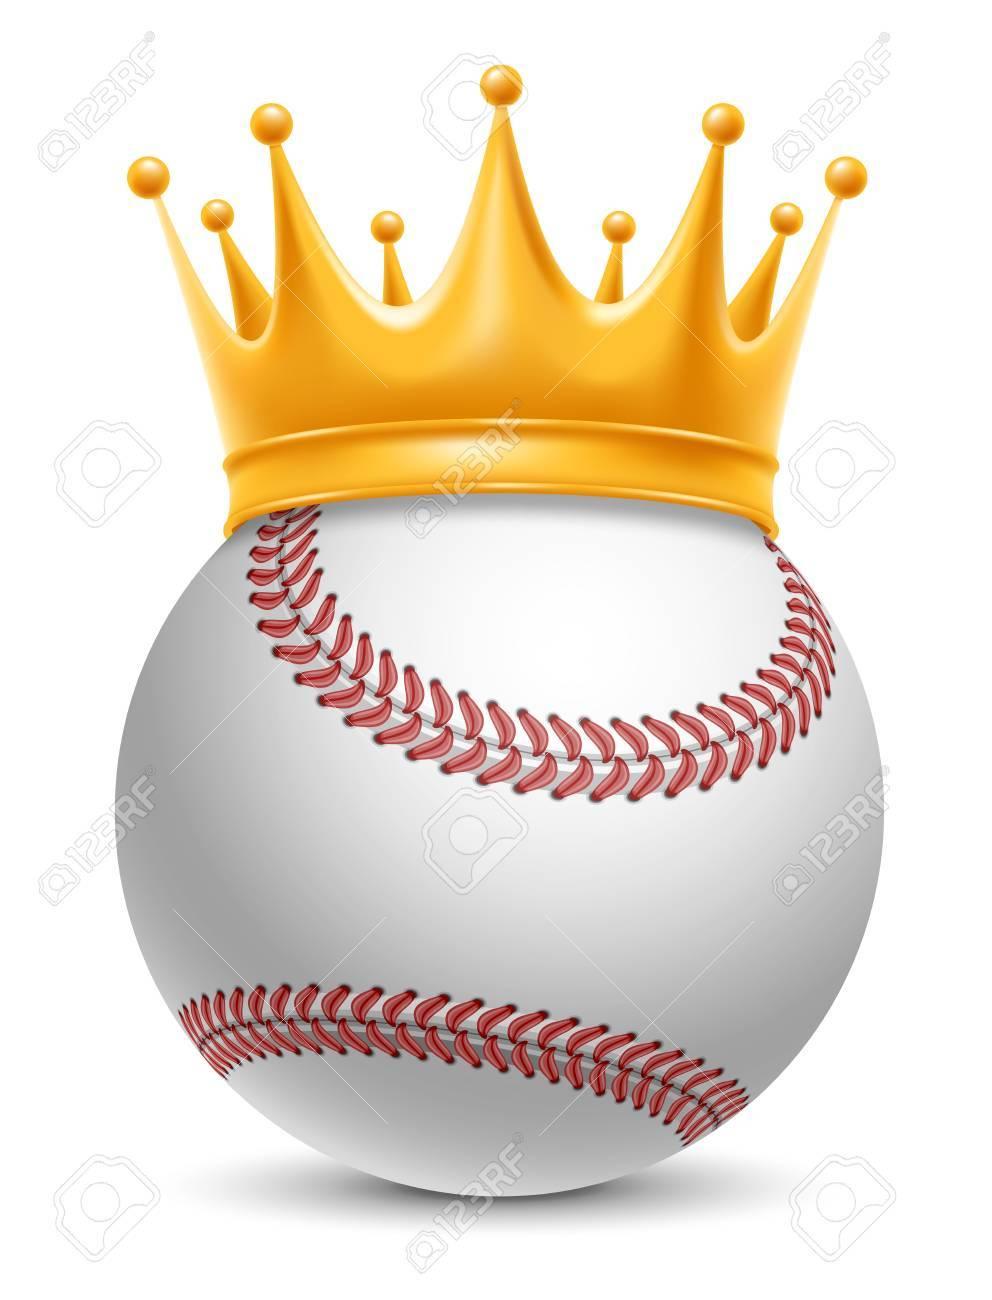 Concepto de éxito en el deporte de béisbol. Béisbol - rey del deporte.  Realista Stock Vector Illustration. Aislado en el fondo blanco. 7be0fff406ce9